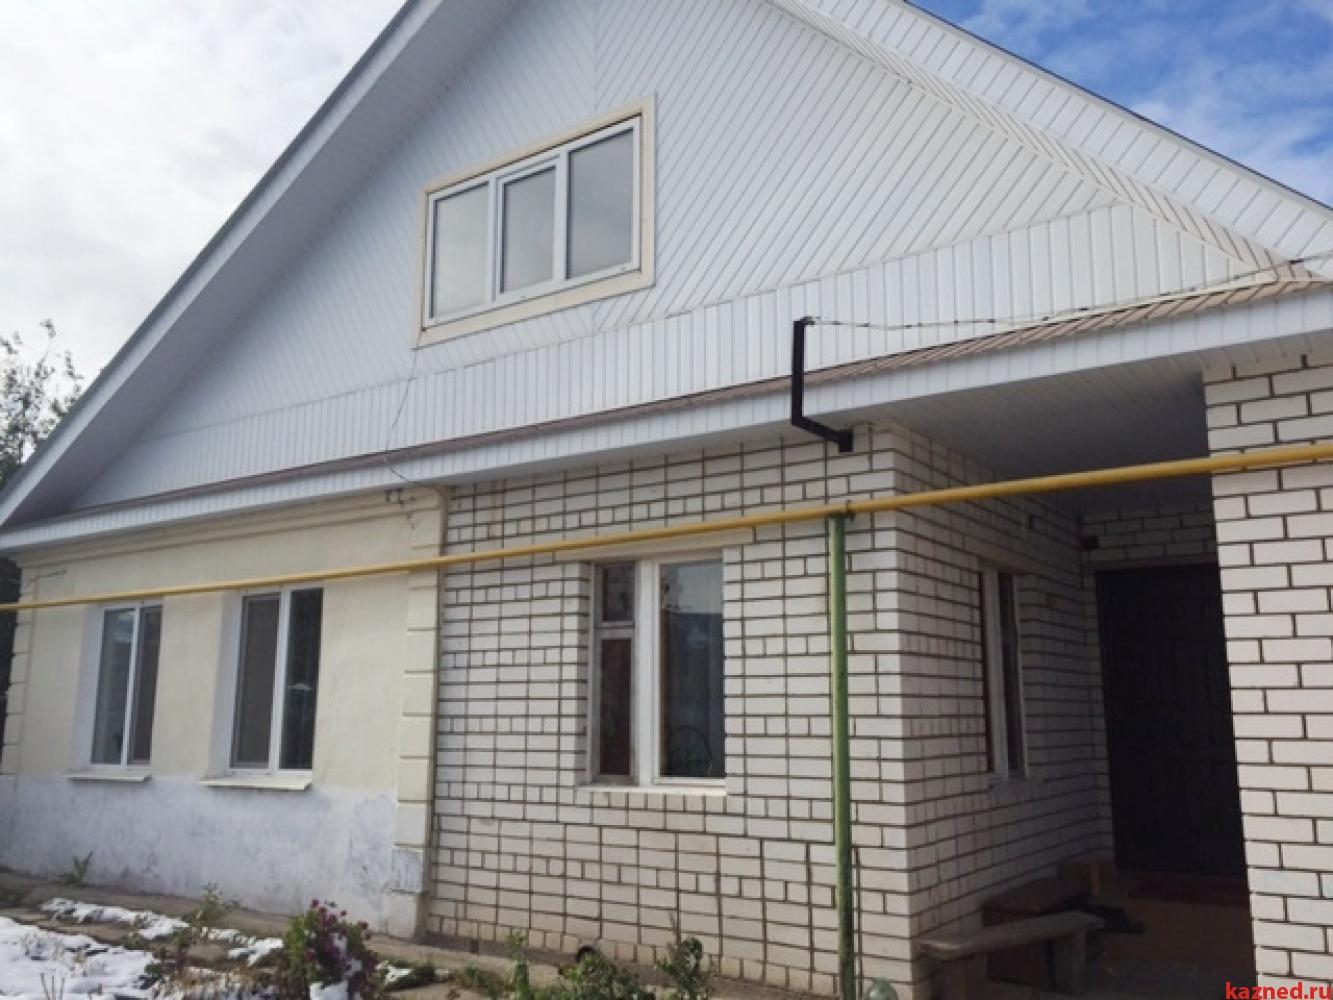 Продажа  Дома пос.Залесный, ул. Варшавская, 115 м2  (миниатюра №1)